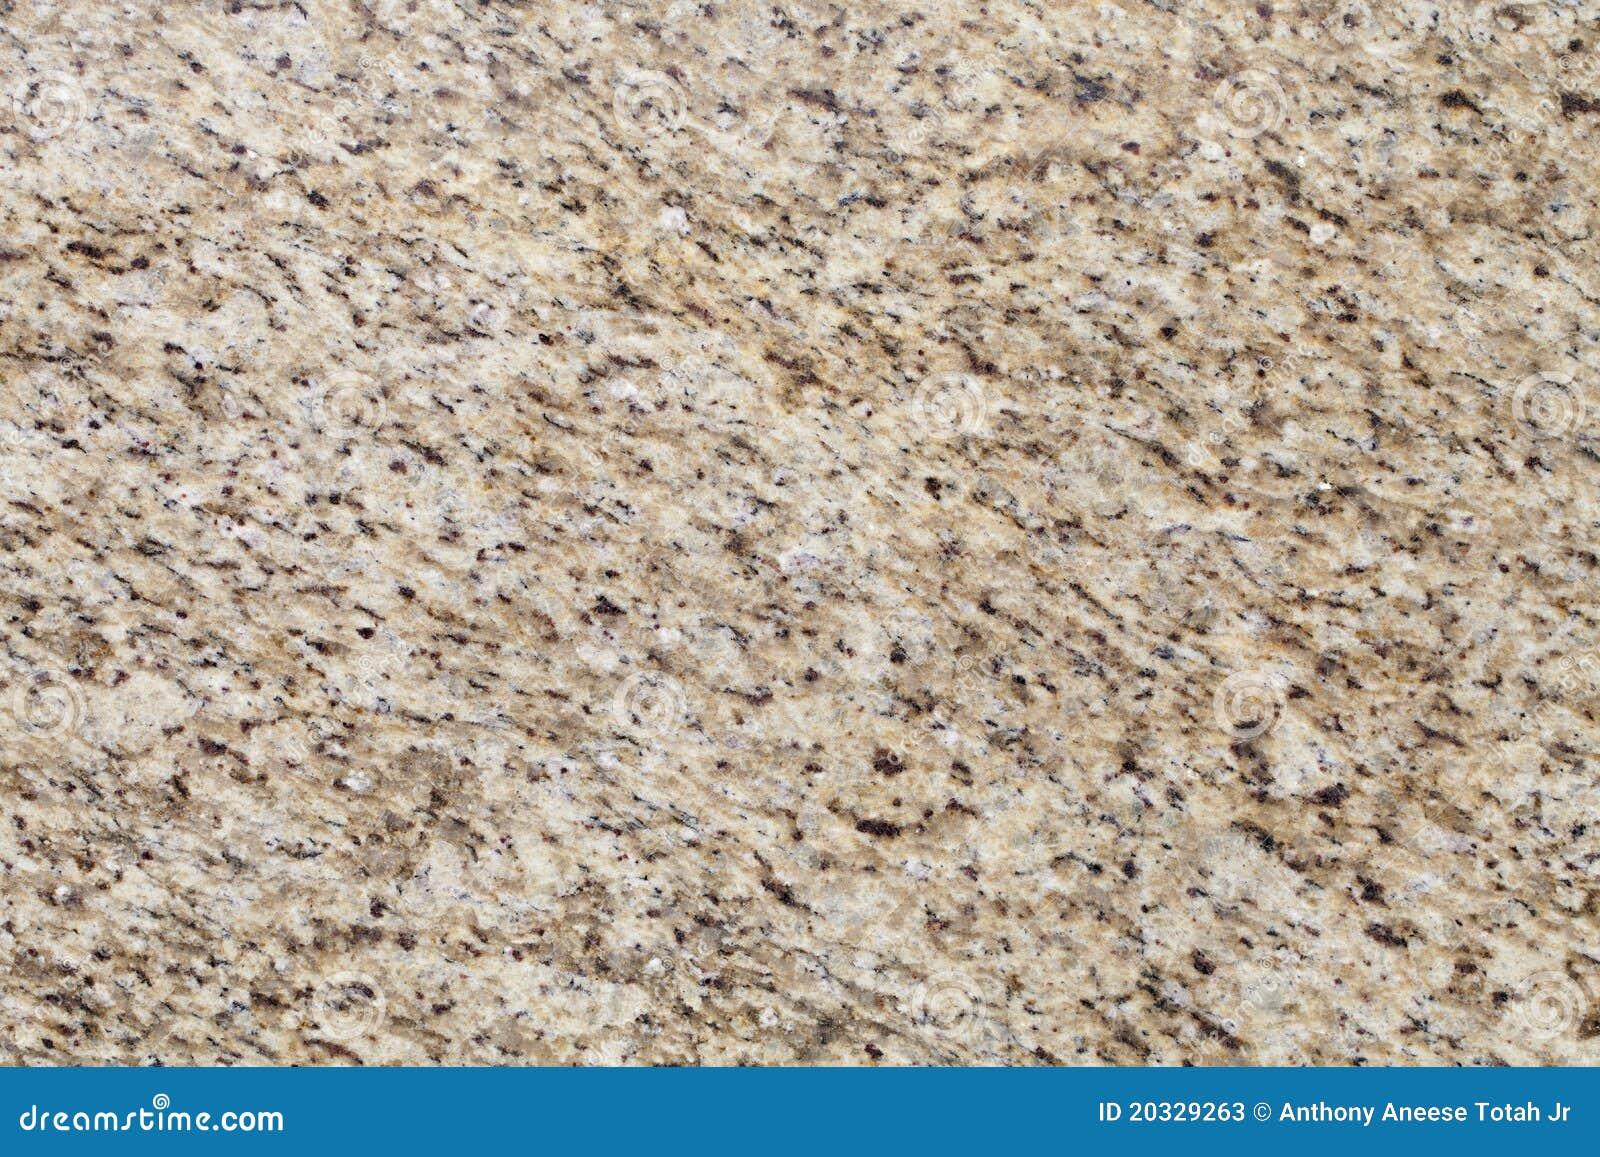 Granito do ornamental de giallo fotos de stock imagem - Fotos de granito ...